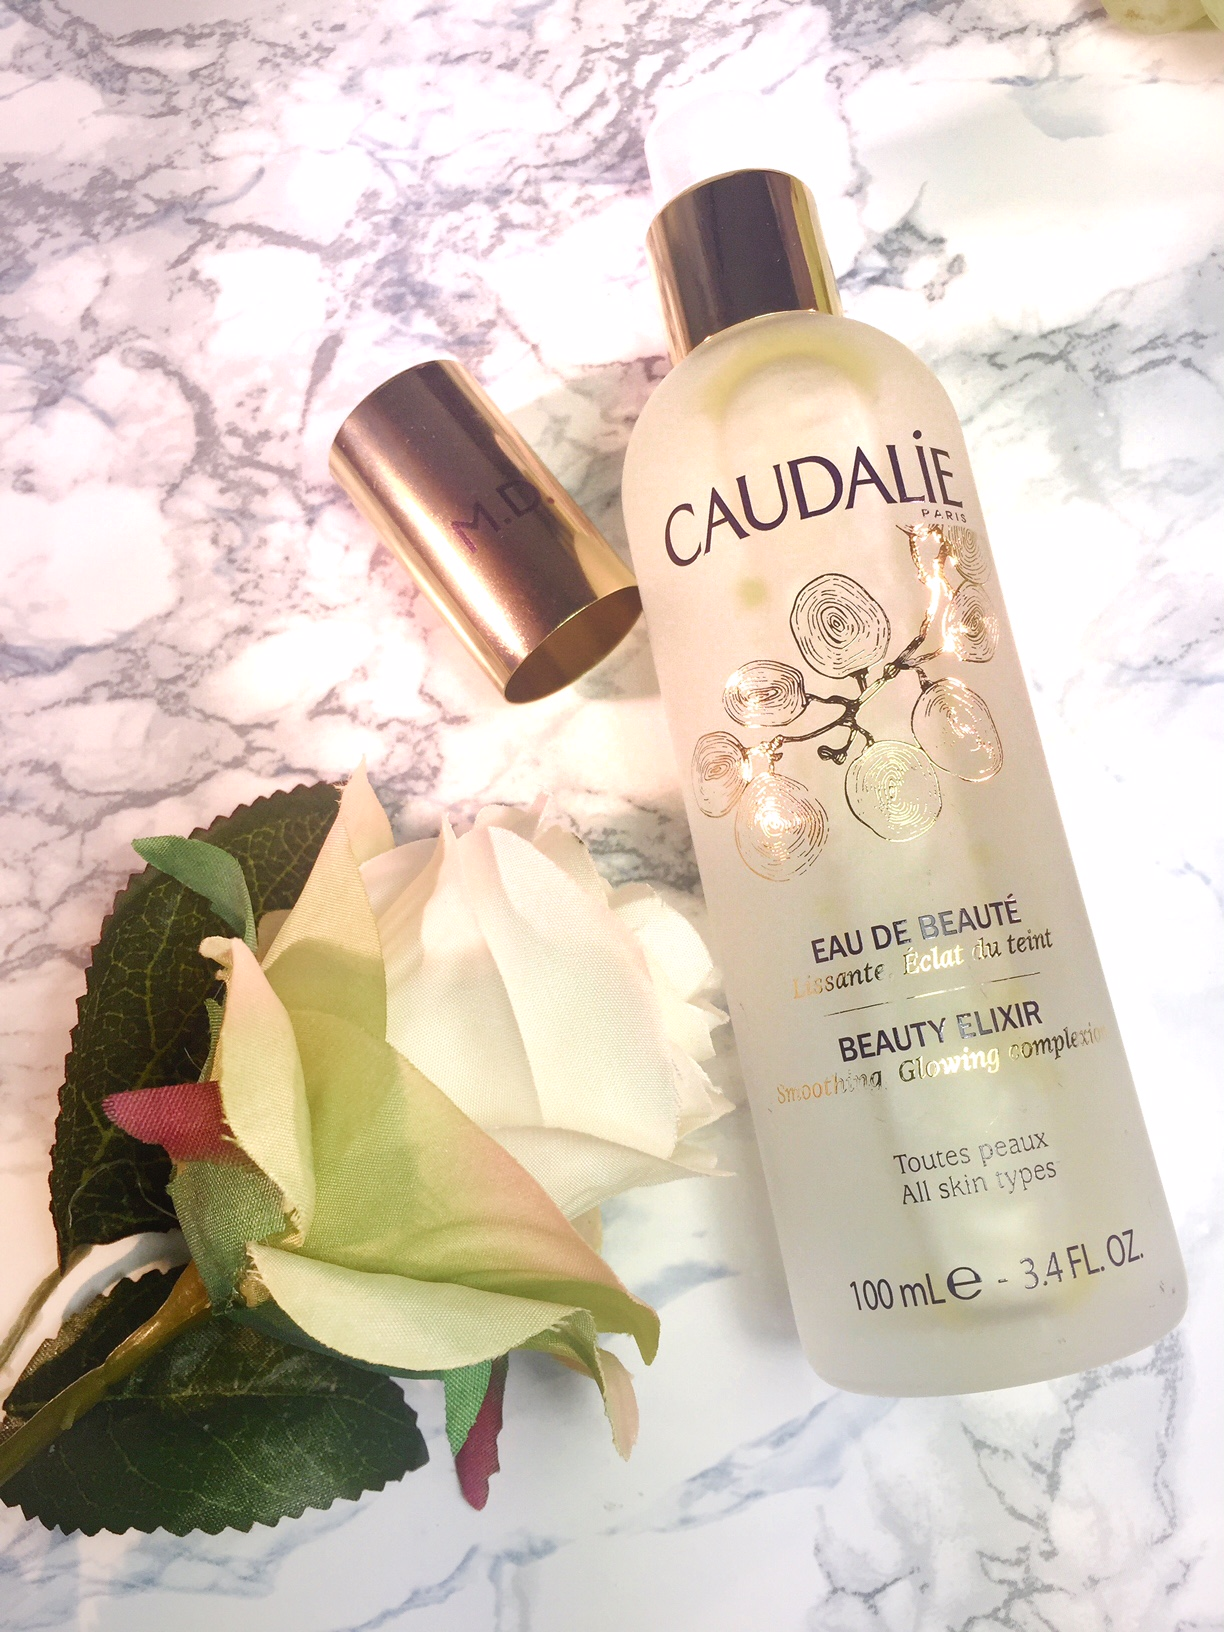 Beauty Elixir: l'acqua di bellezza di Caudalie compie vent'anni